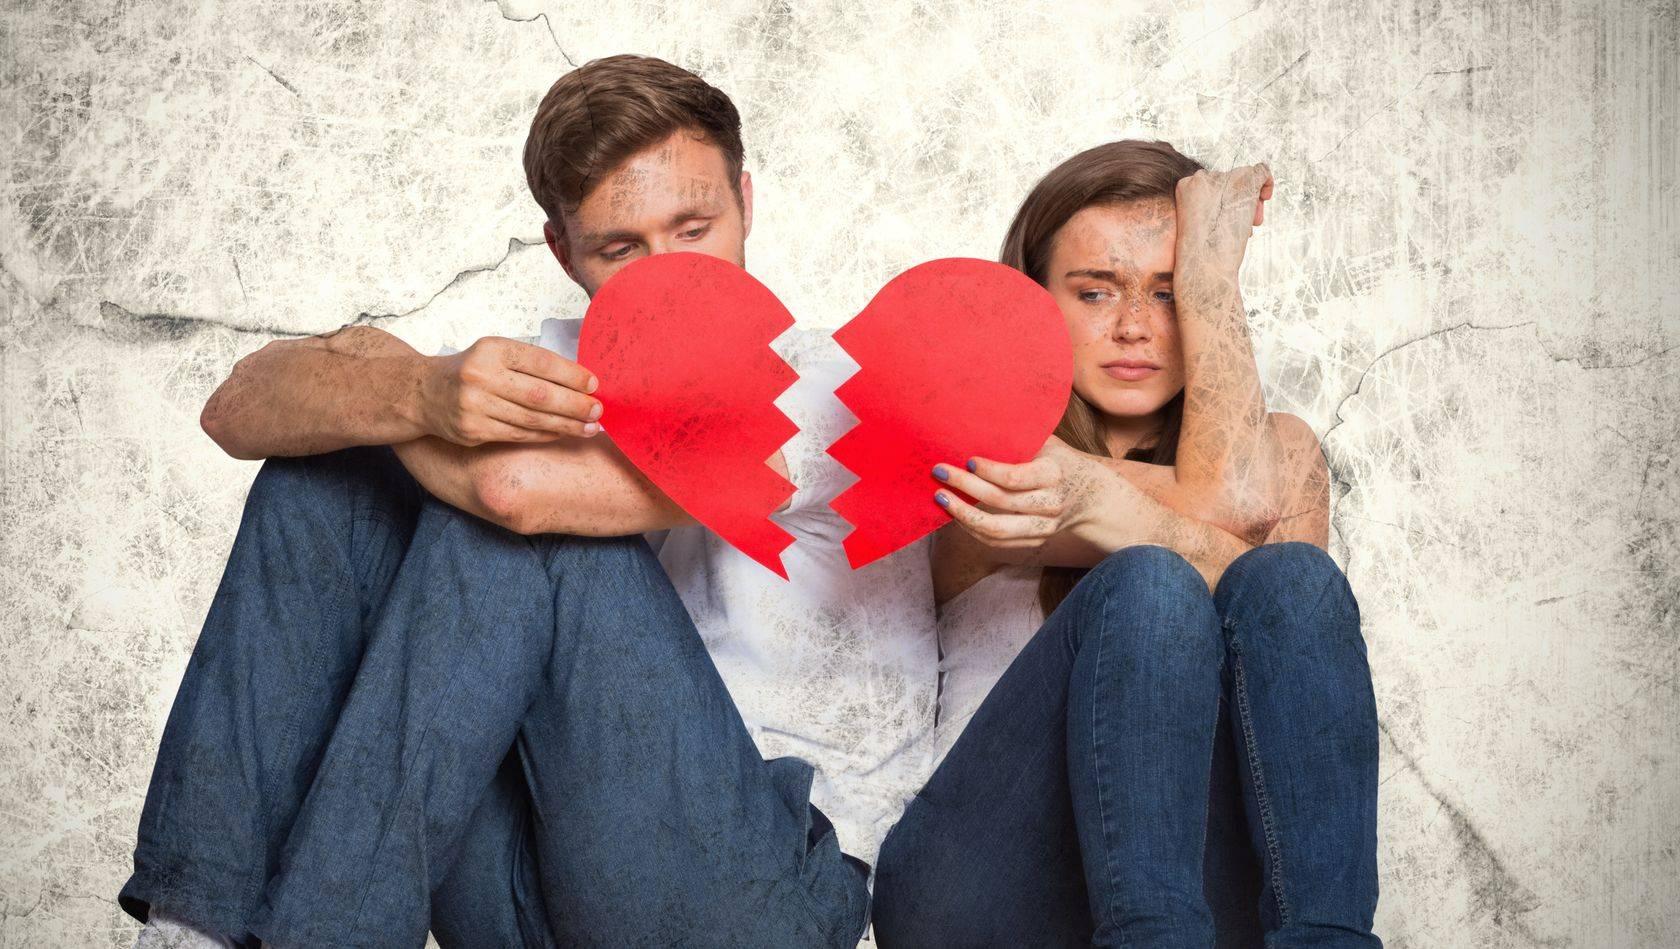 Как выйти из любовного треугольника: советы психолога